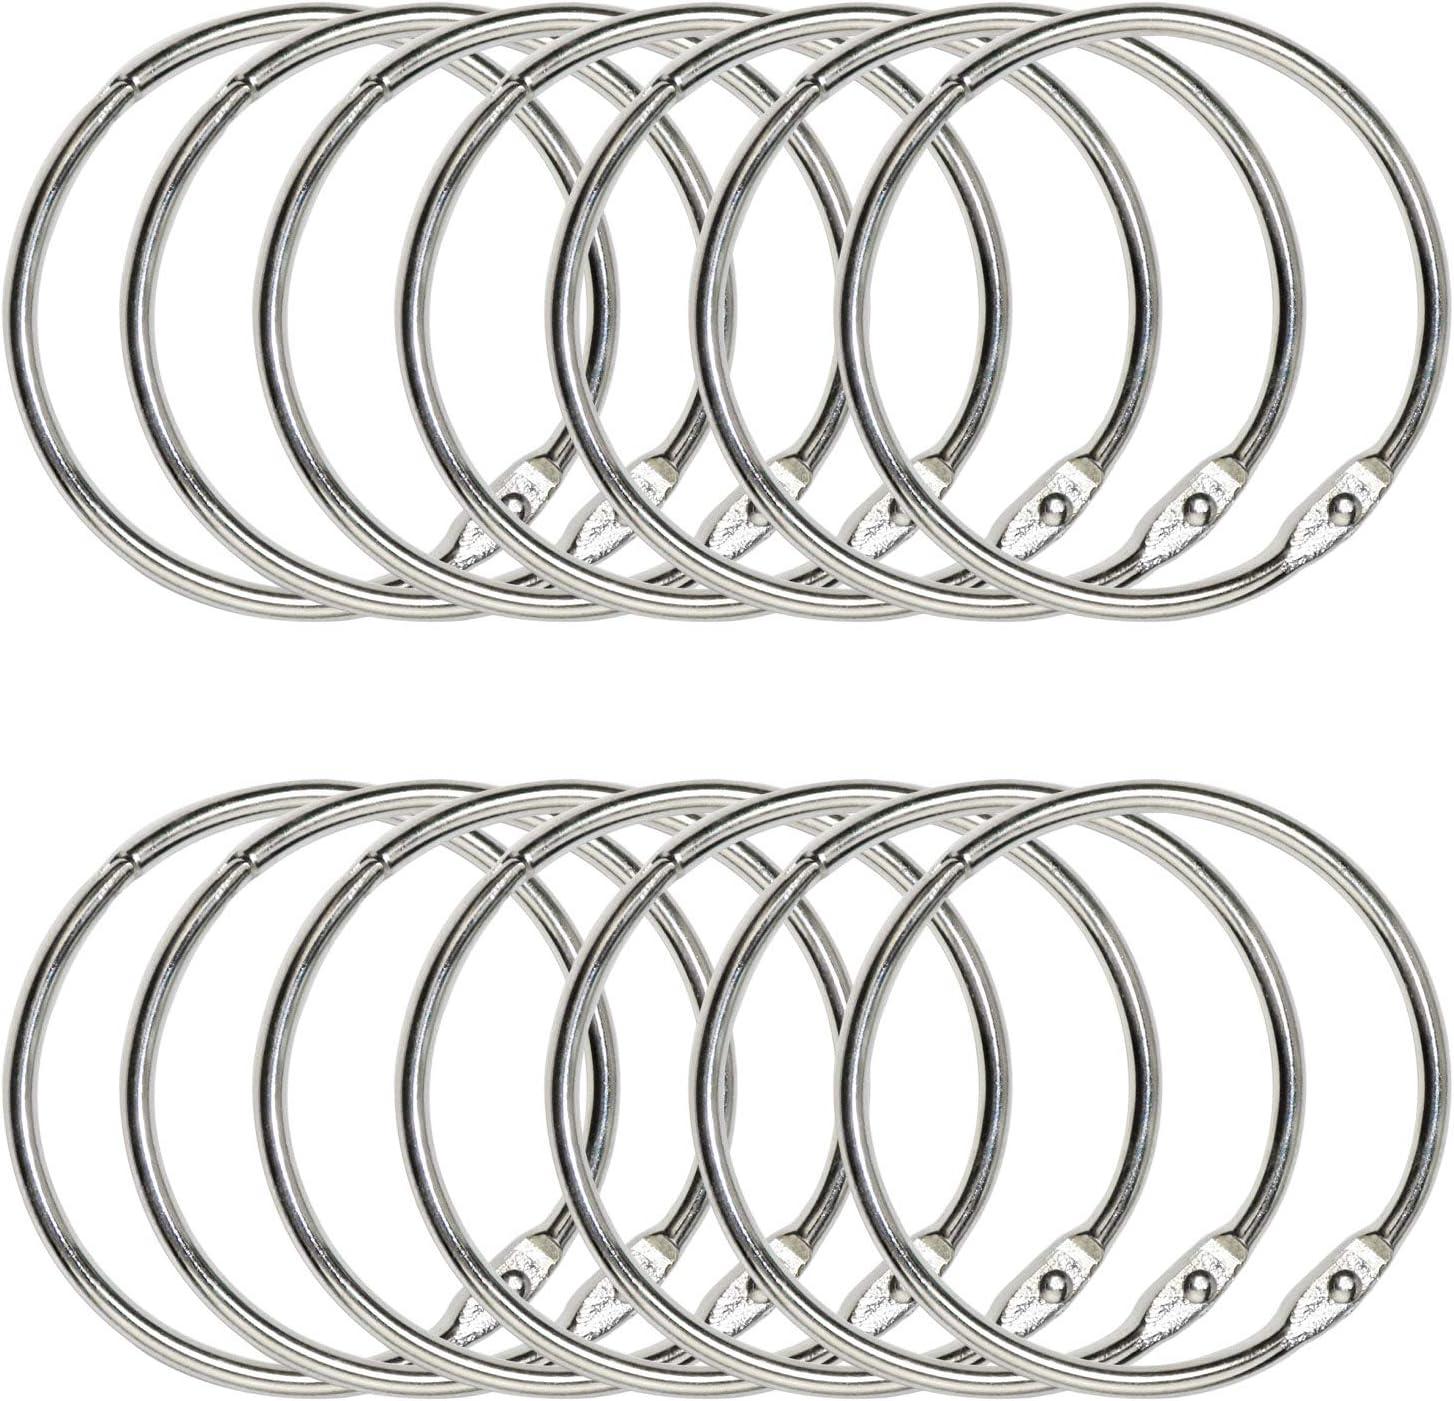 Loose Leaf Binder Rings 1 Inch Metal Book Rings Nickel Plated Silver 50 Pack